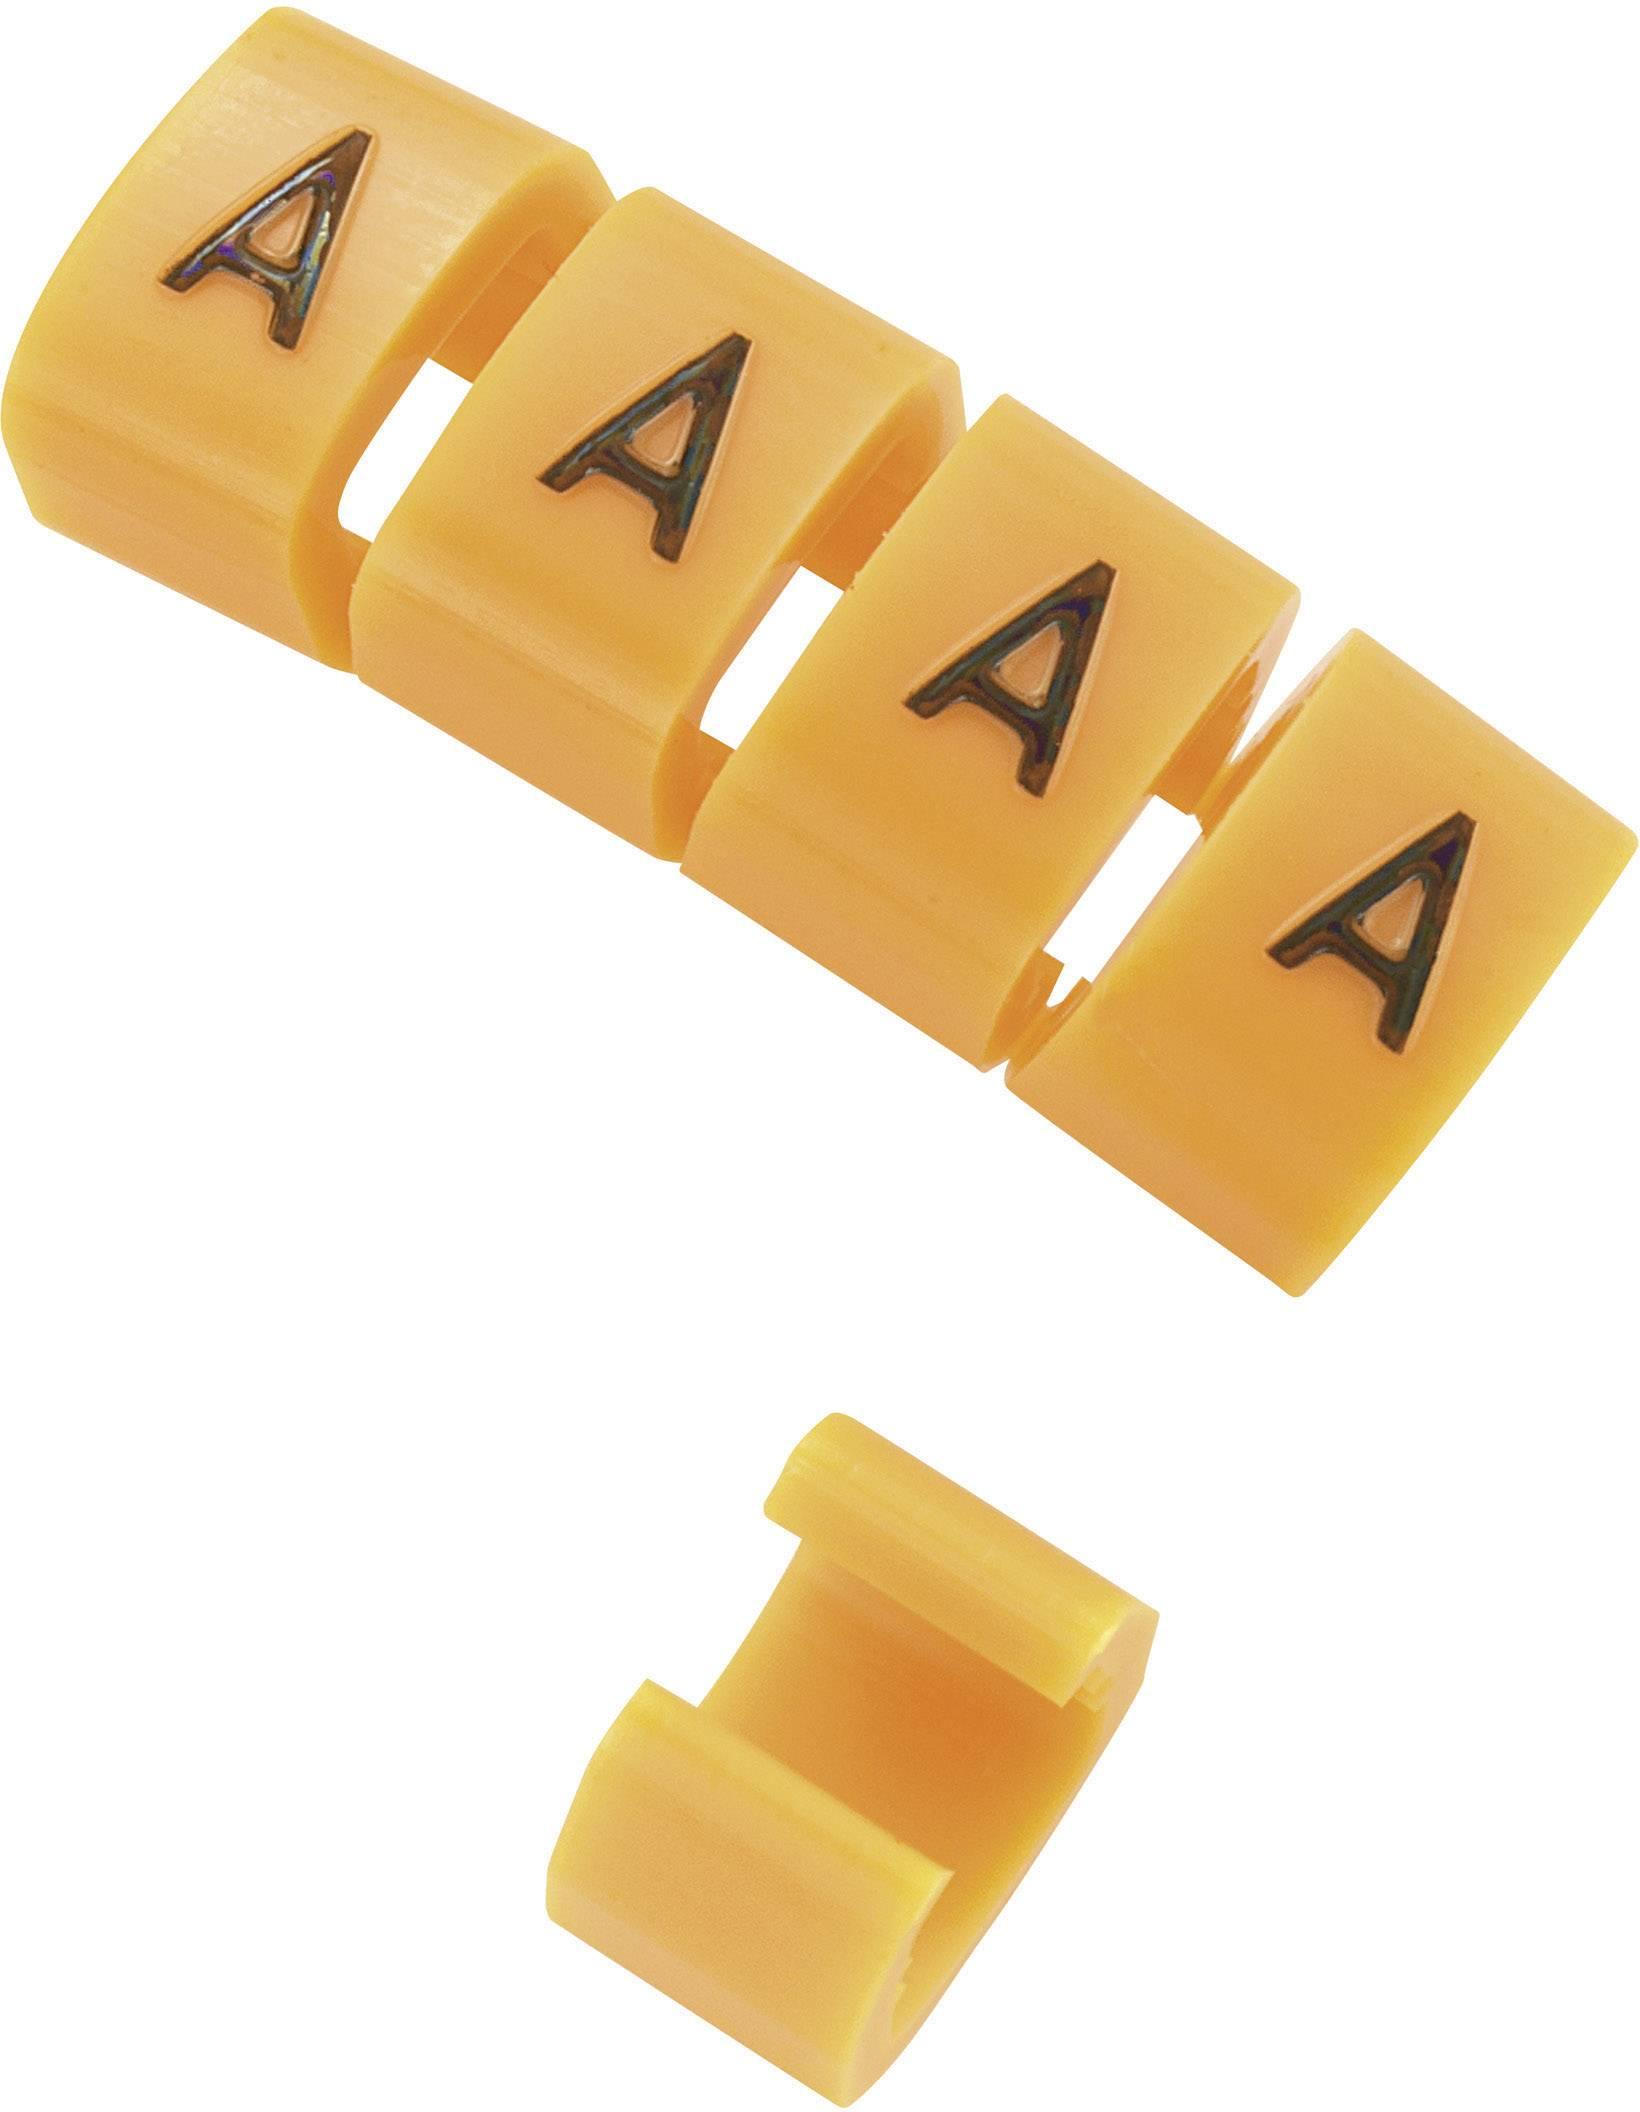 Označovacie objímka na káble KSS MB2/F, oranžová, 10 ks